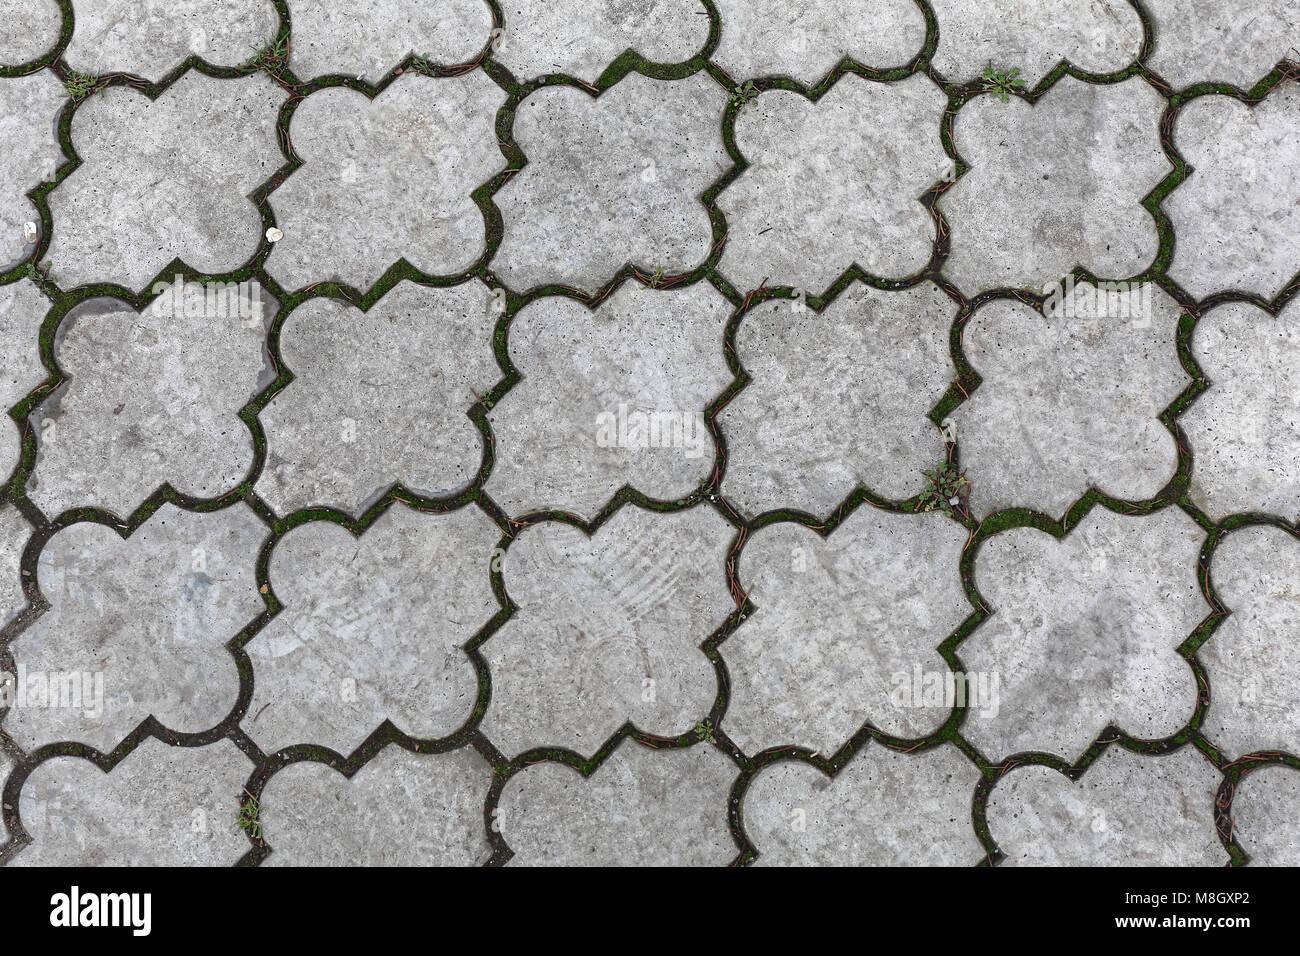 Le piastrelle di calcestruzzo per pavimento esterno texture foto